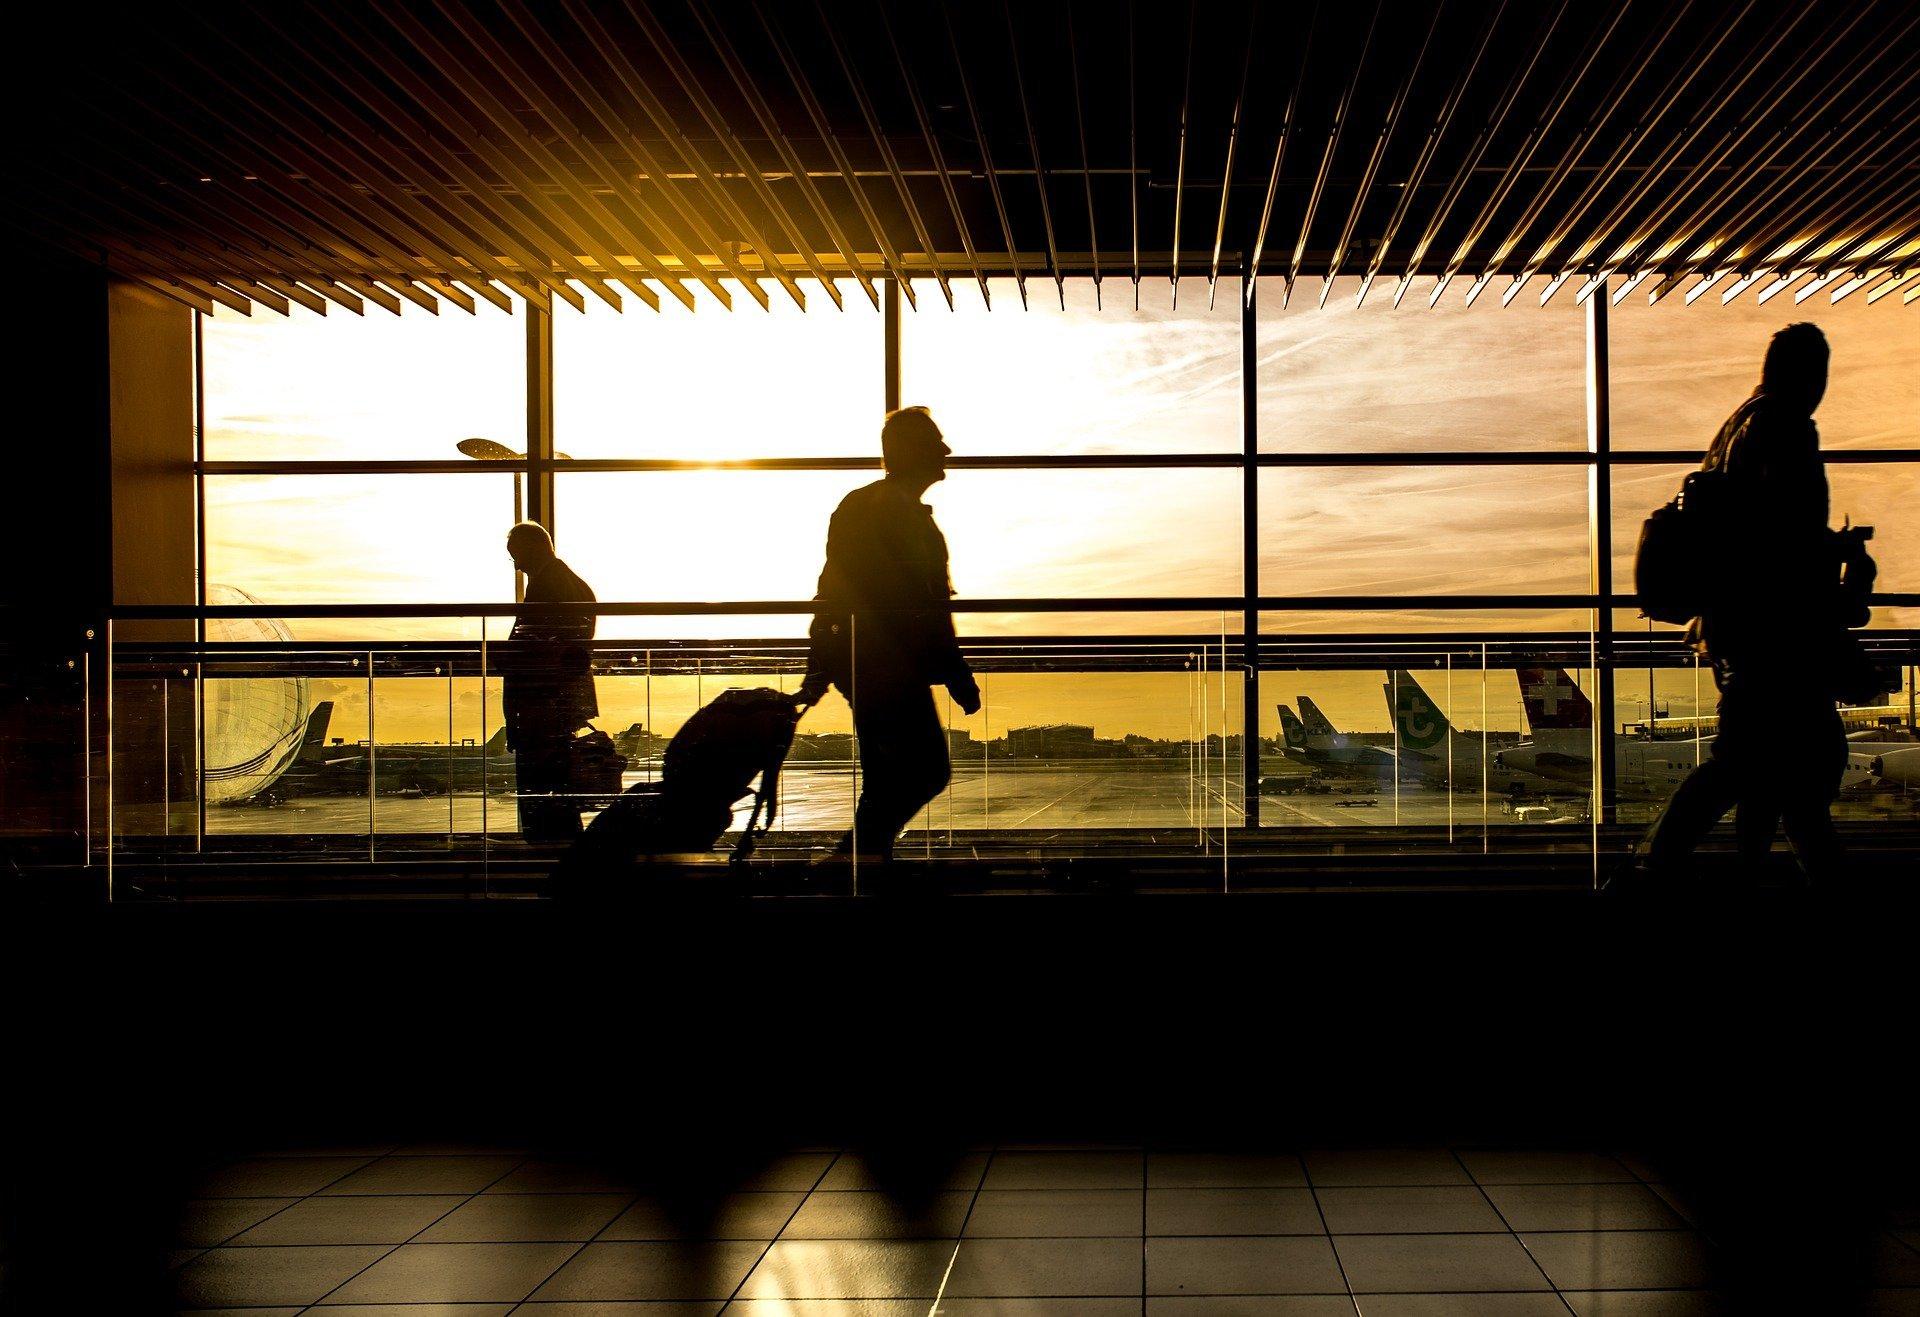 Pasajeros en aeropuerto. Fuente: Pixabay